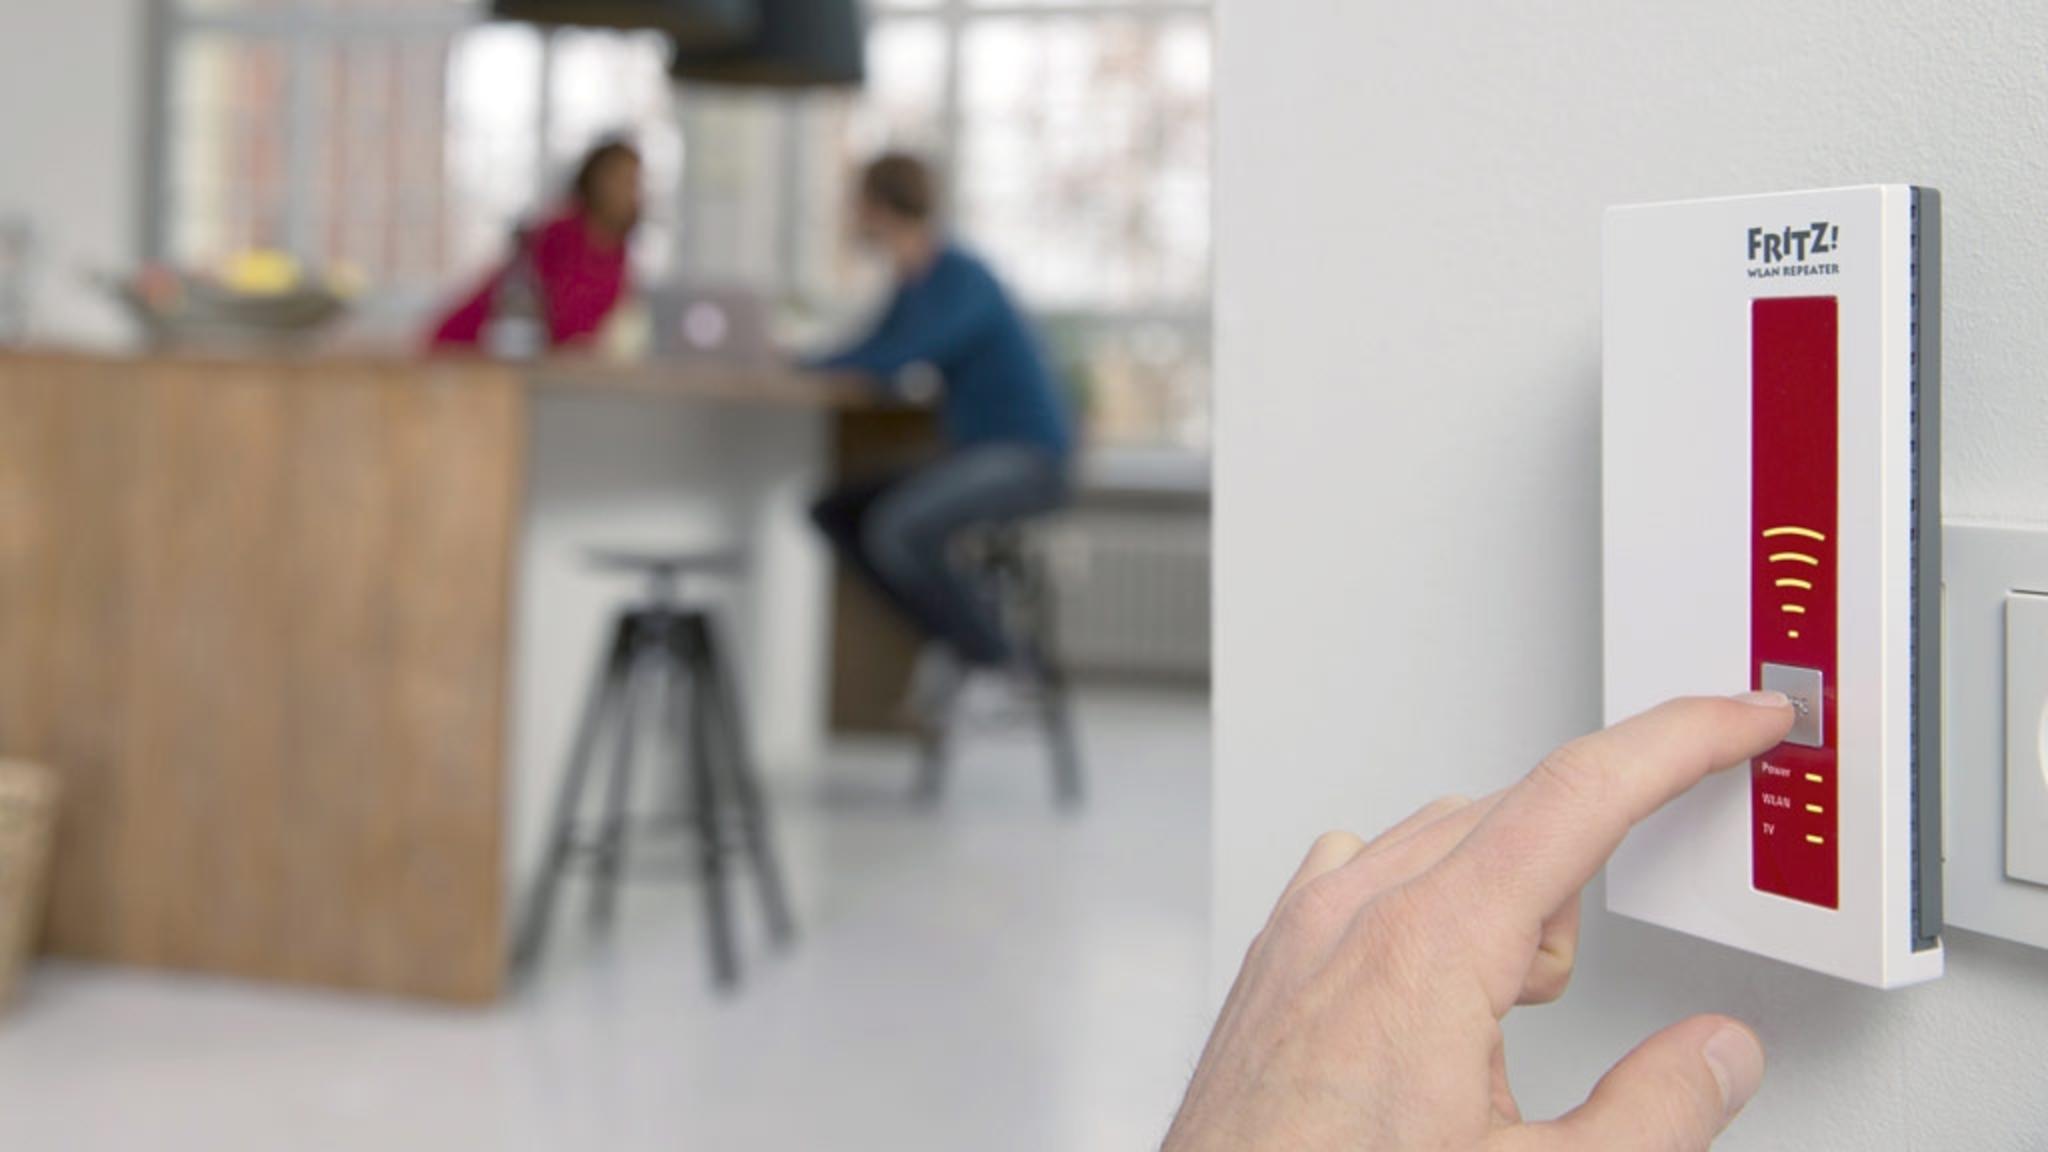 CES 2018: Verbesserter WPA3 Wi-Fi Standard offiziell angekündigt